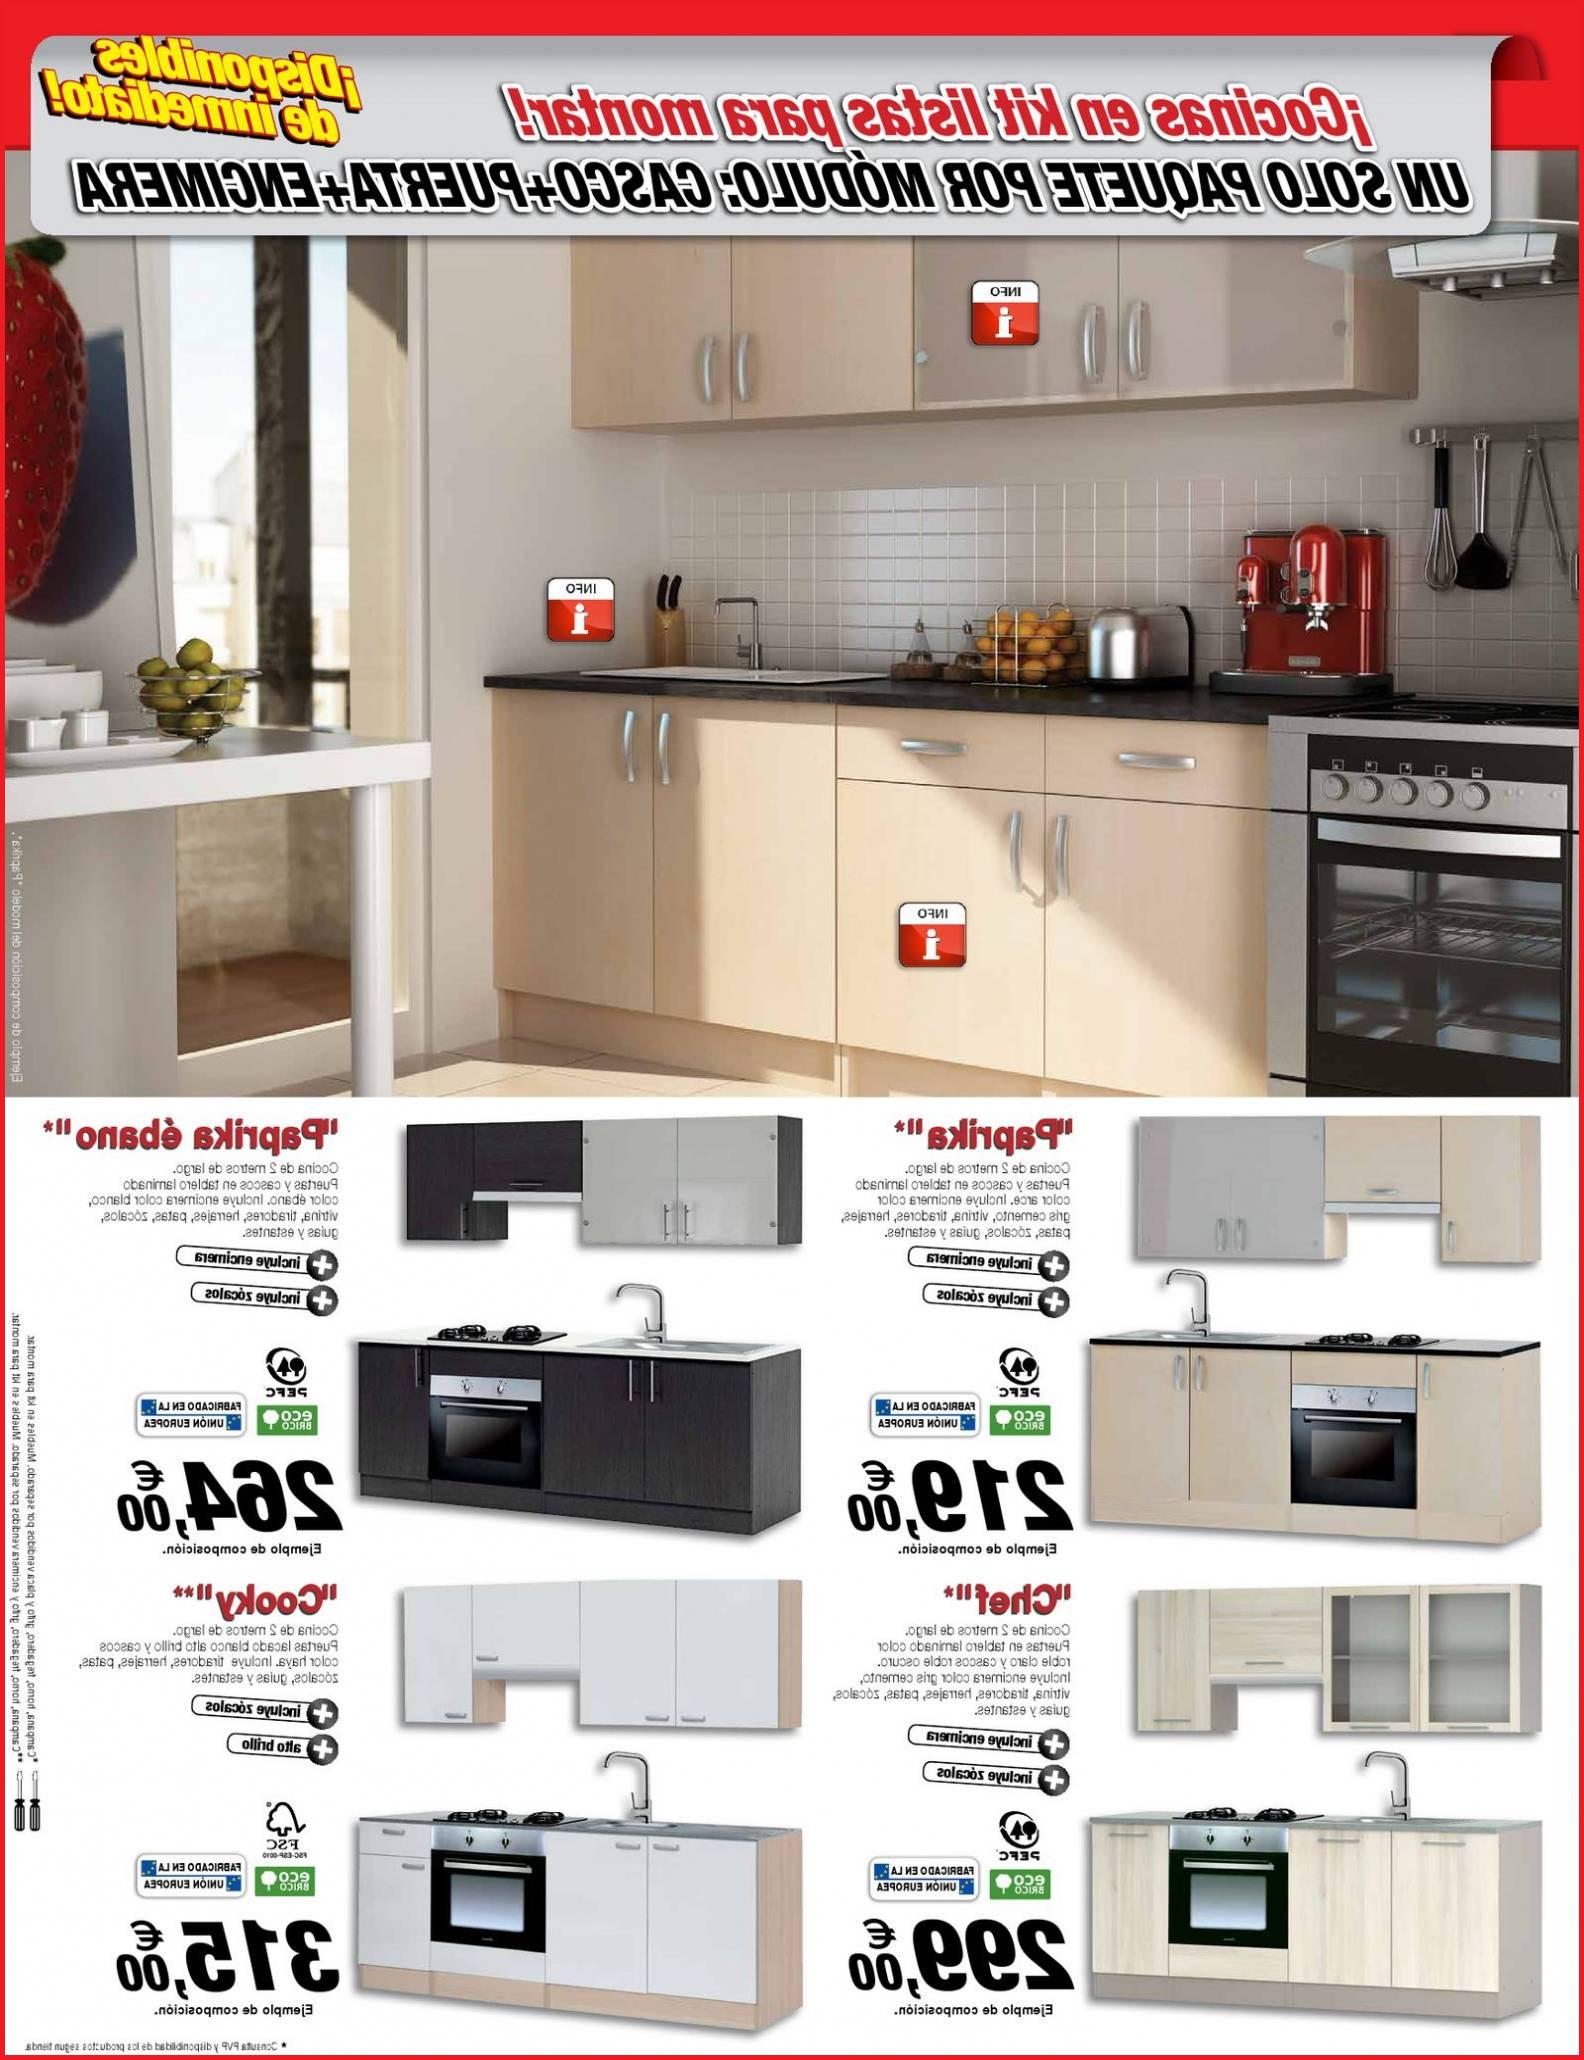 Muebles De Cocina Brico Depot – Sharon Leal